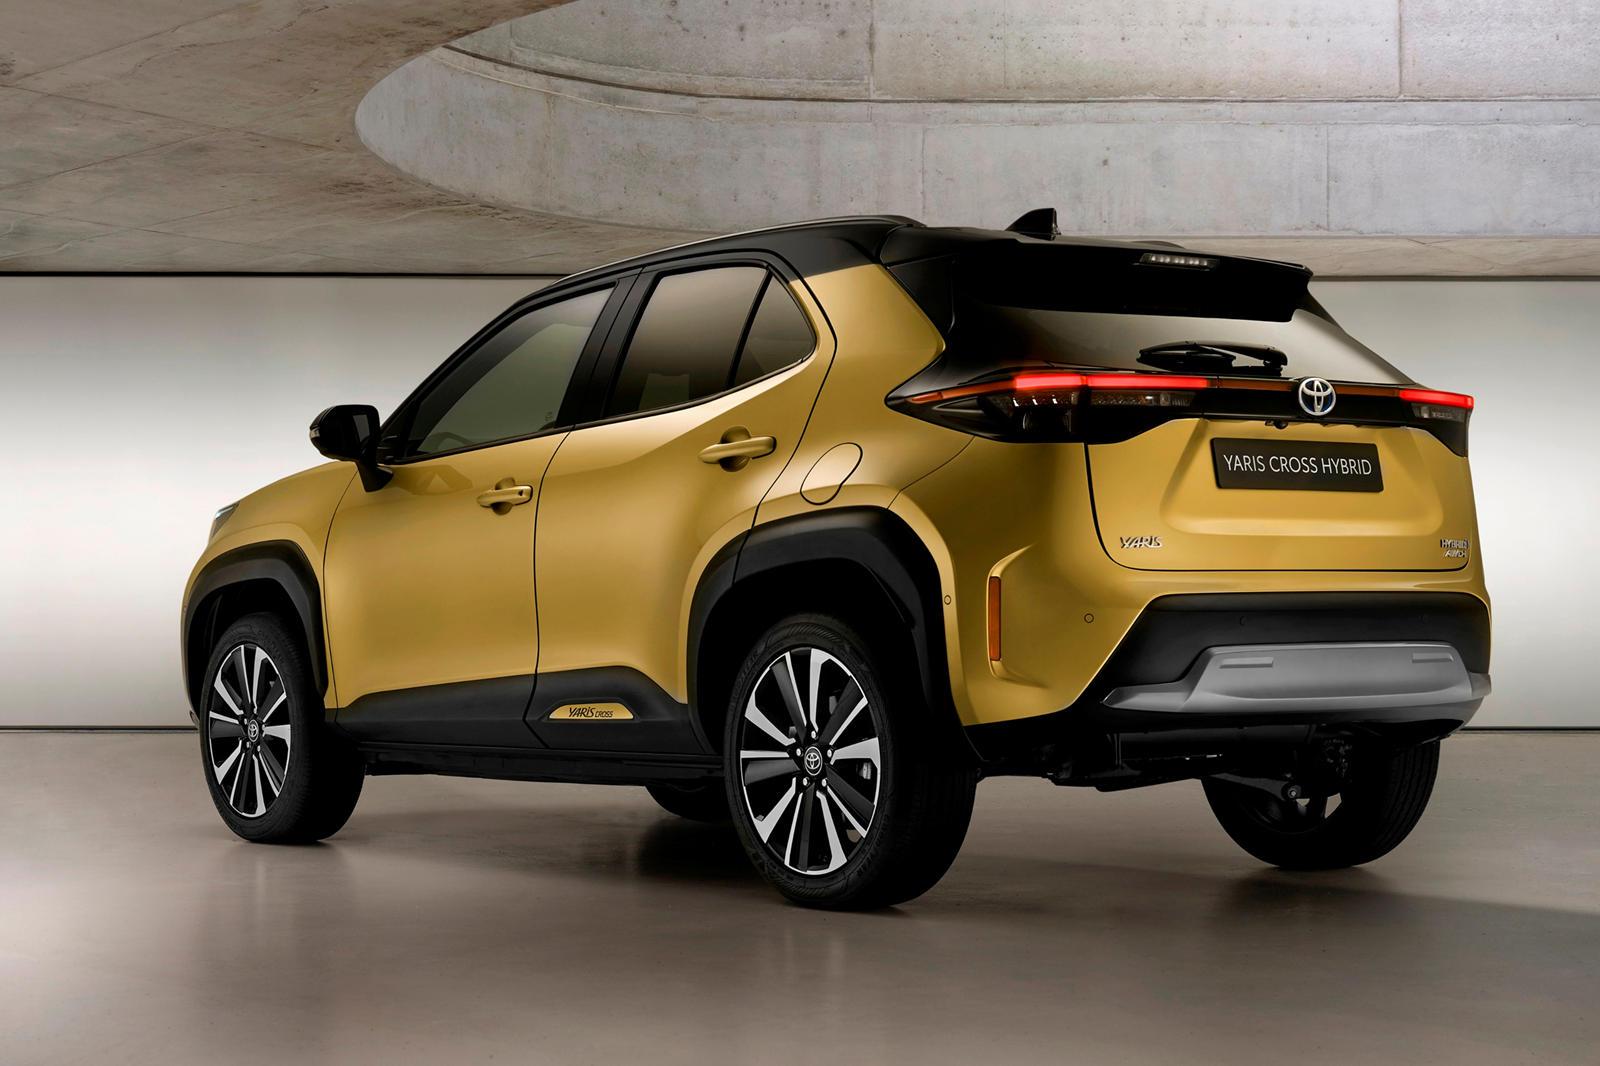 С таким количеством автопроизводителей, предлагающих несколько субкомпактных кроссоверов в своей линейке, кажется странным, что 2021 Toyota C-HR не получила меньшего брата на всех рынках. Такой автомобиль пока существует только в Японии и Европе, и и